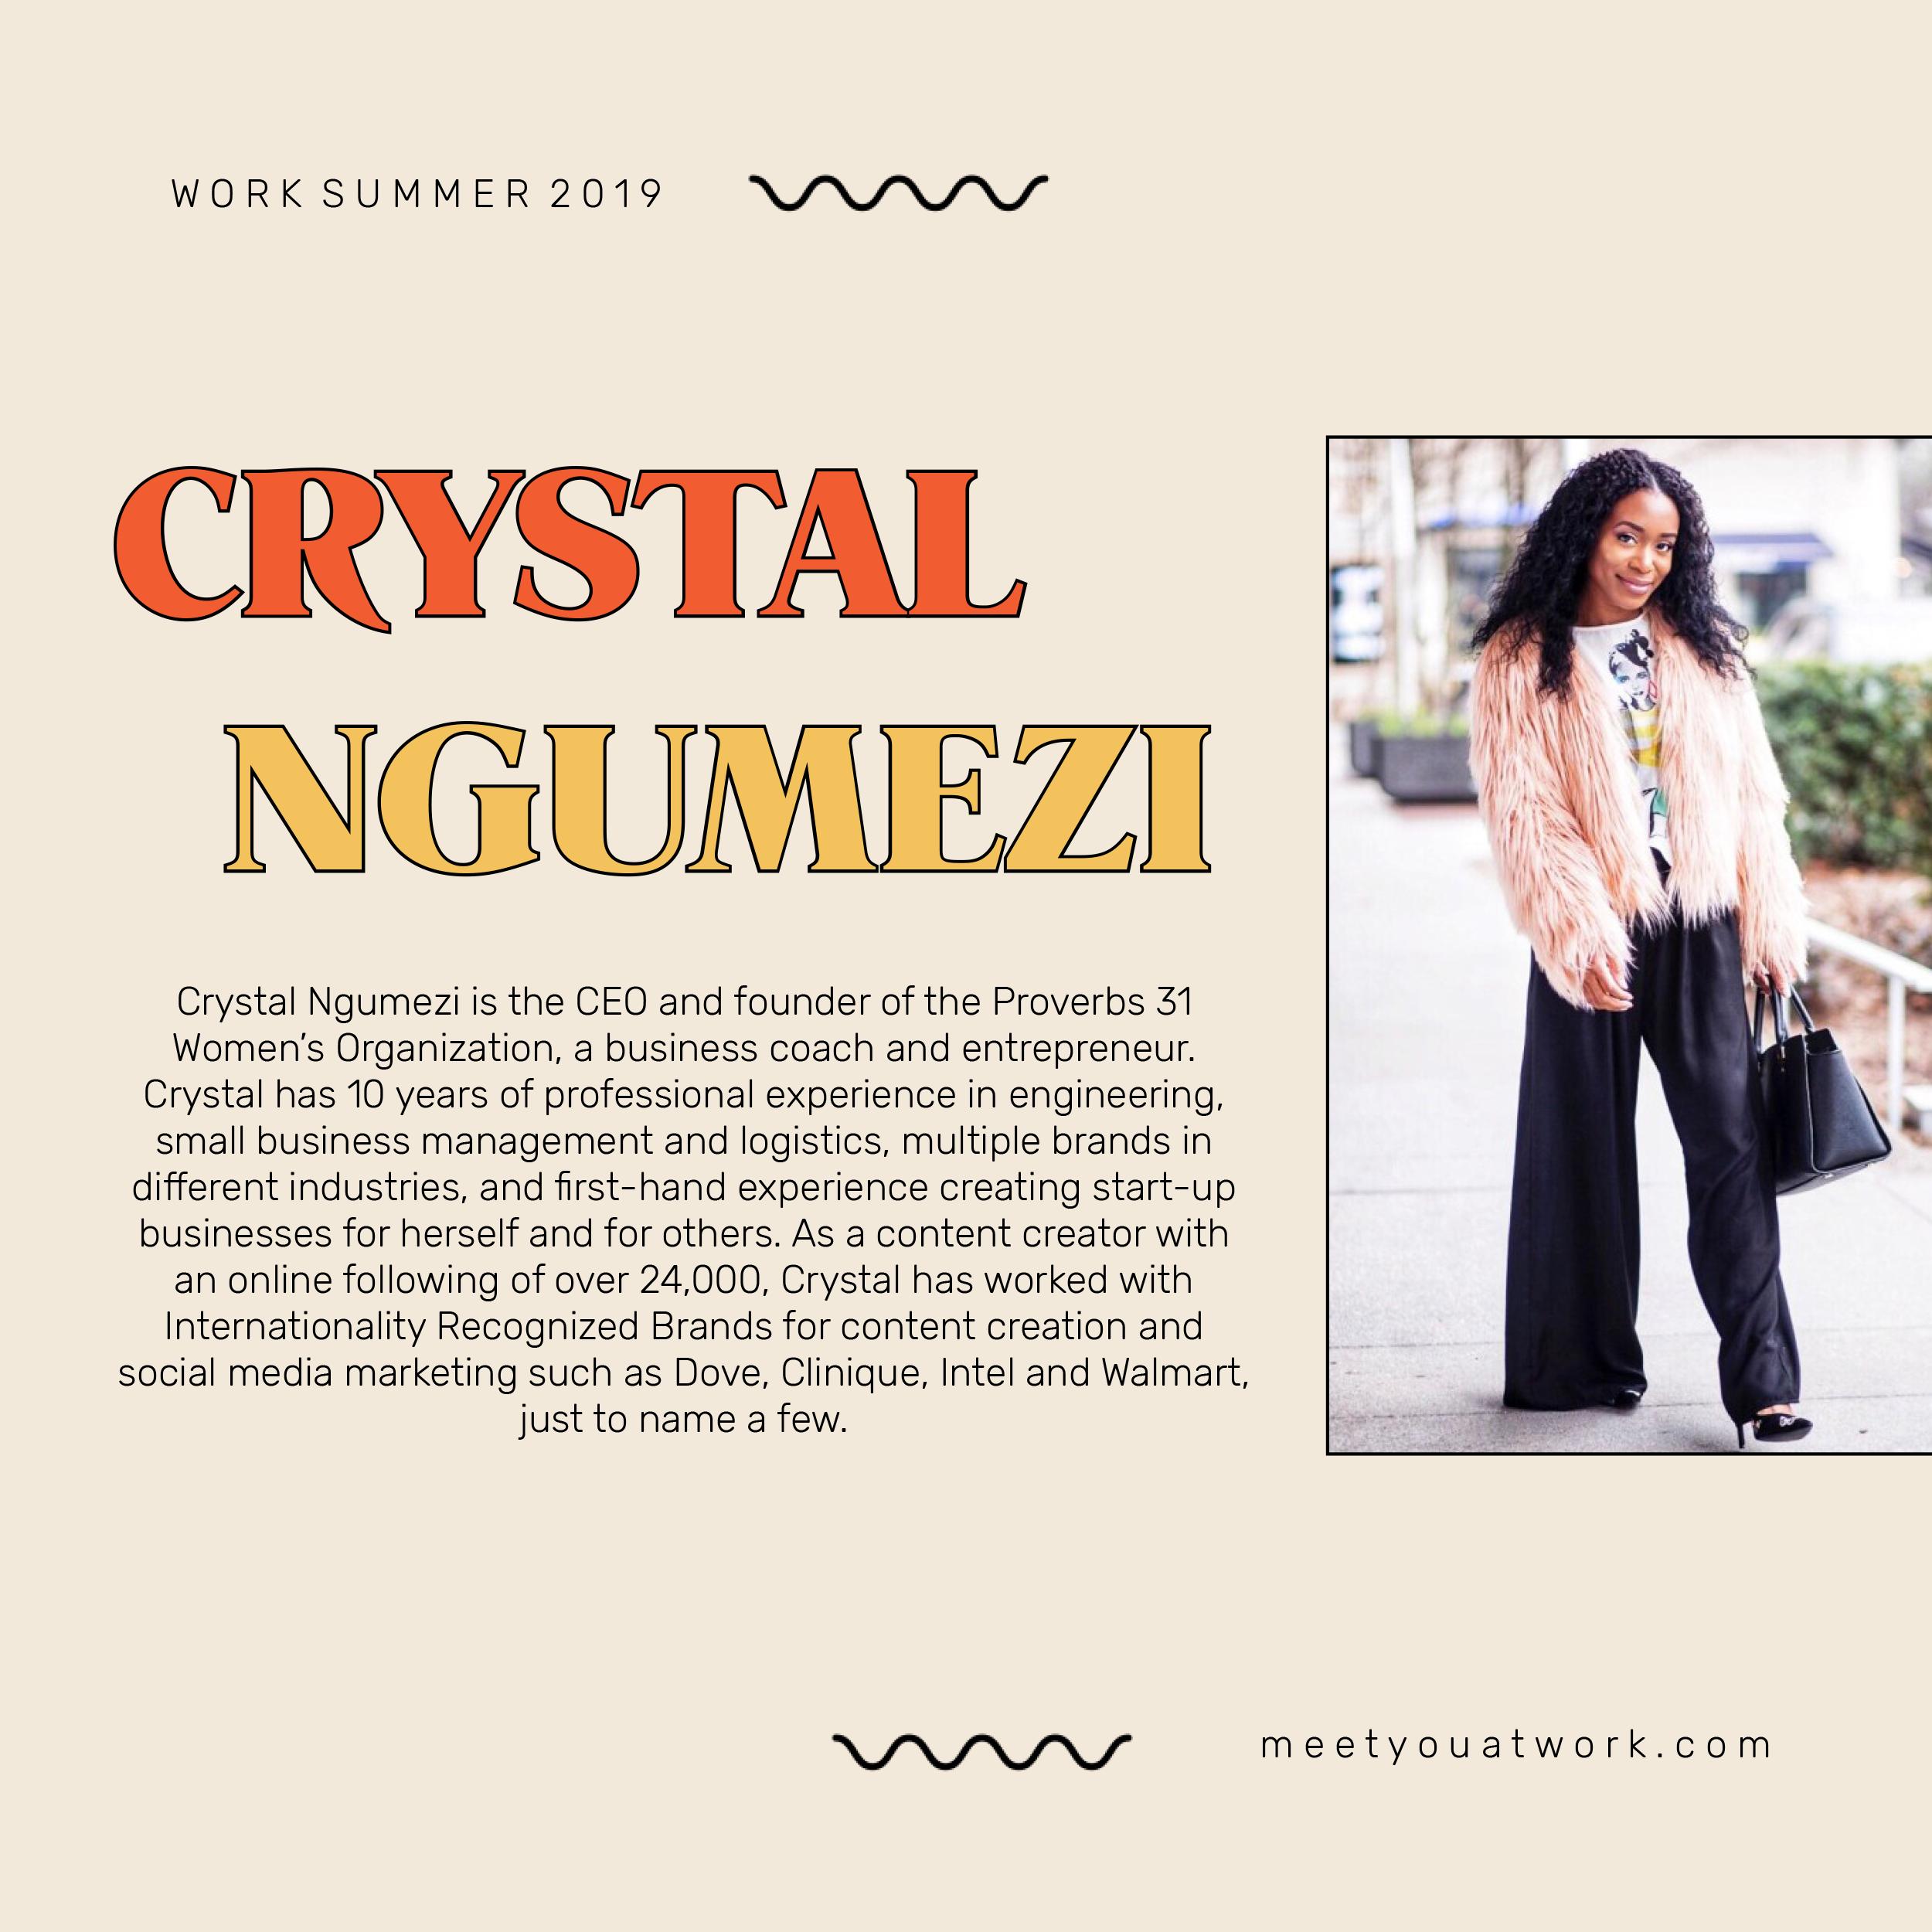 ngumezi_work2019.png